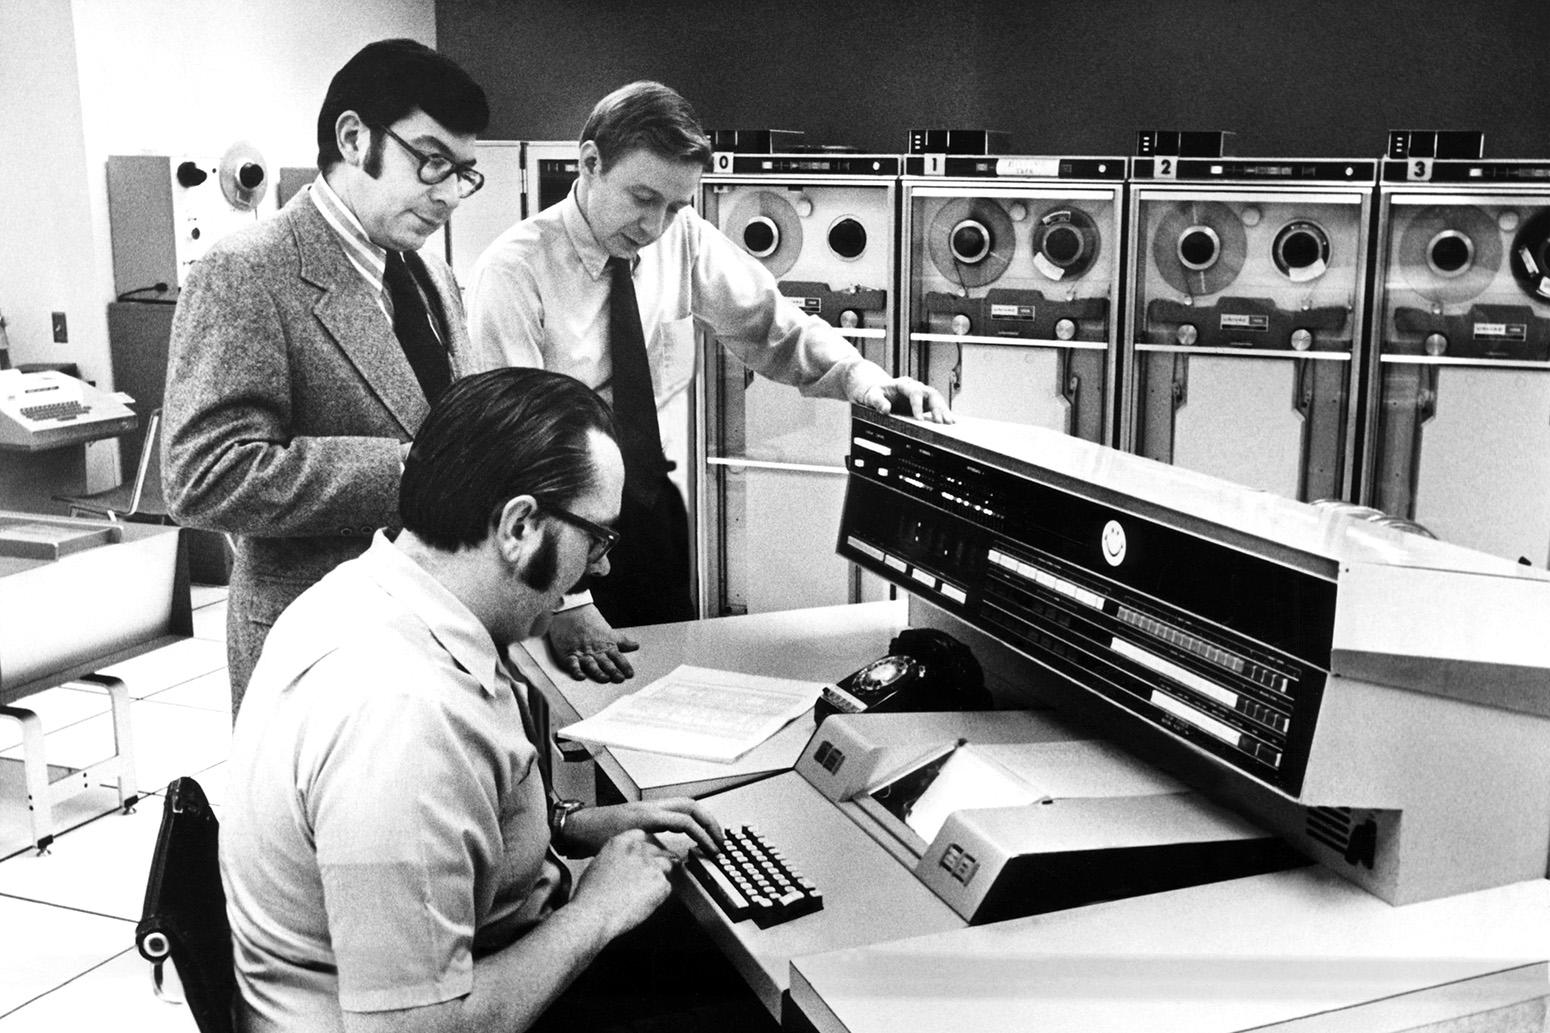 L'ordinateur Univac en 1972